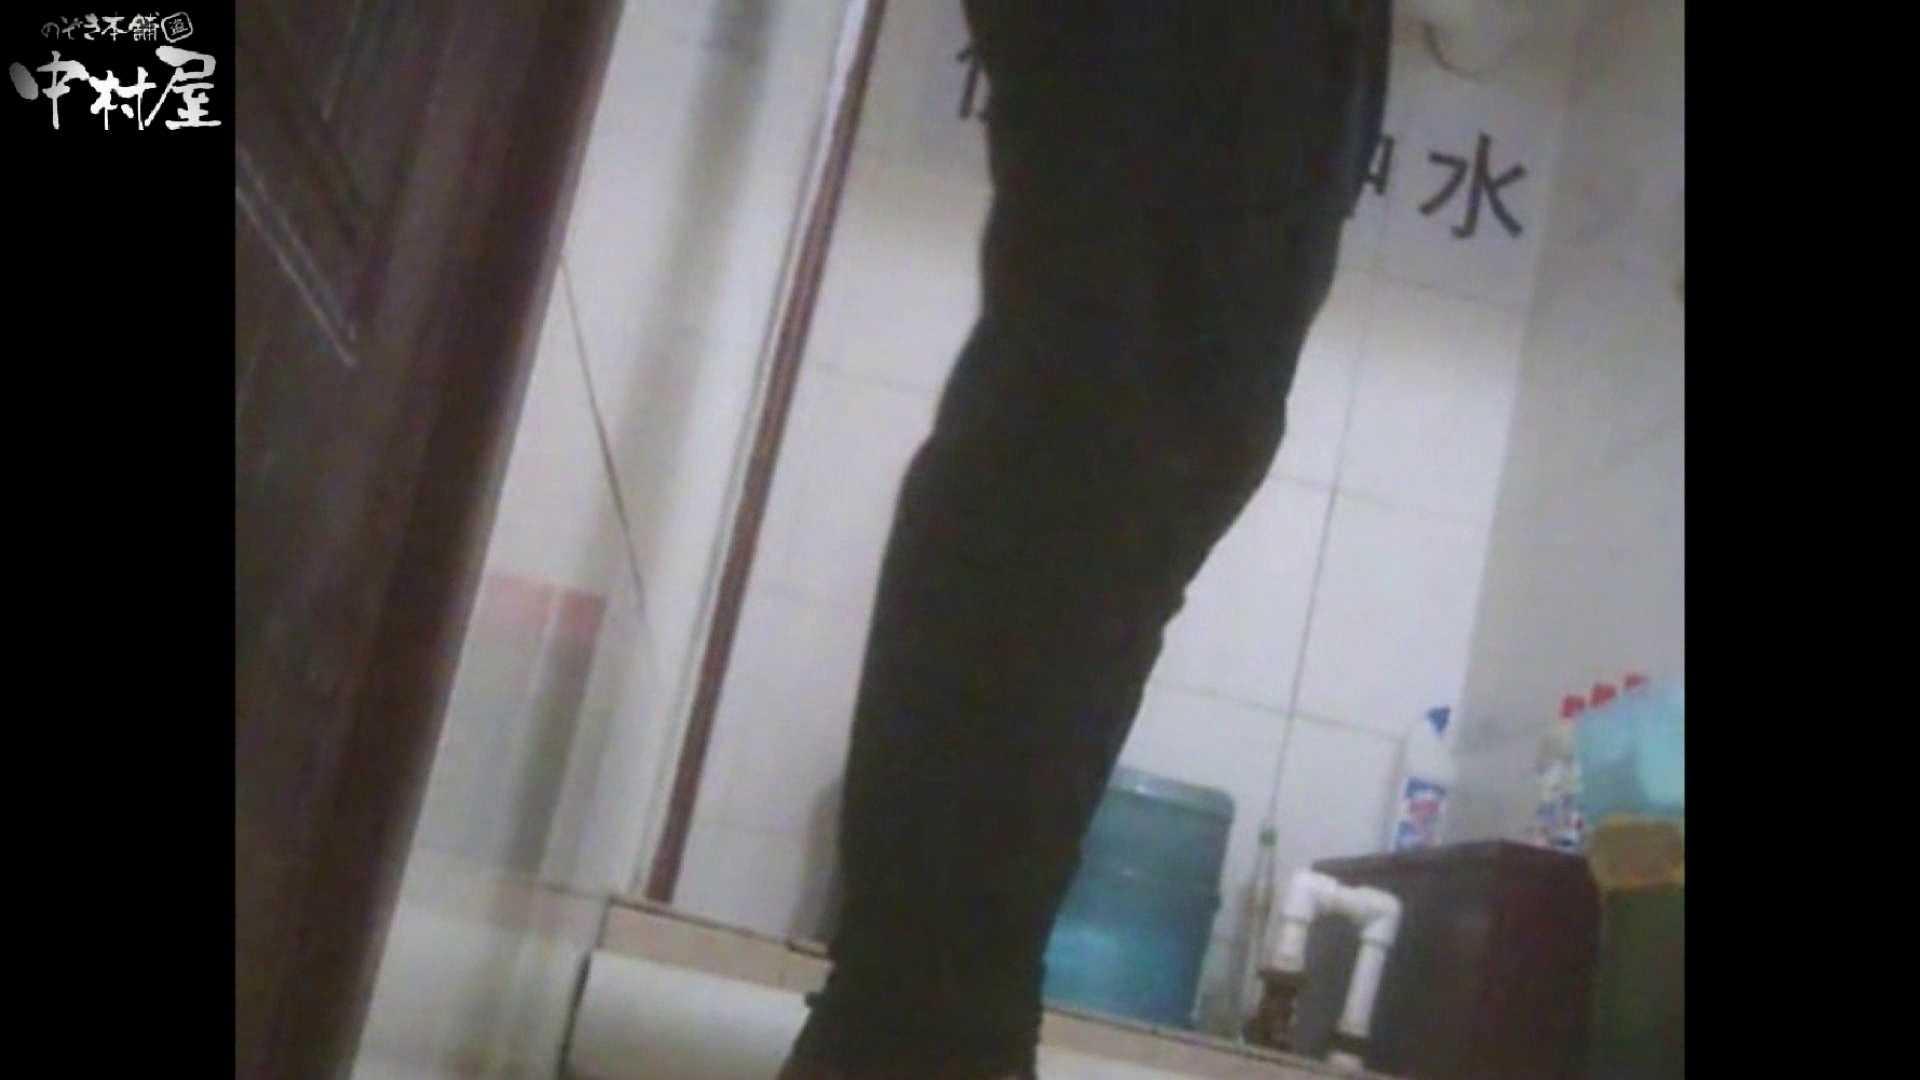 李さんの盗撮日記 Vol.13 トイレ | ギャルのエロ動画 盗撮 93PIX 41